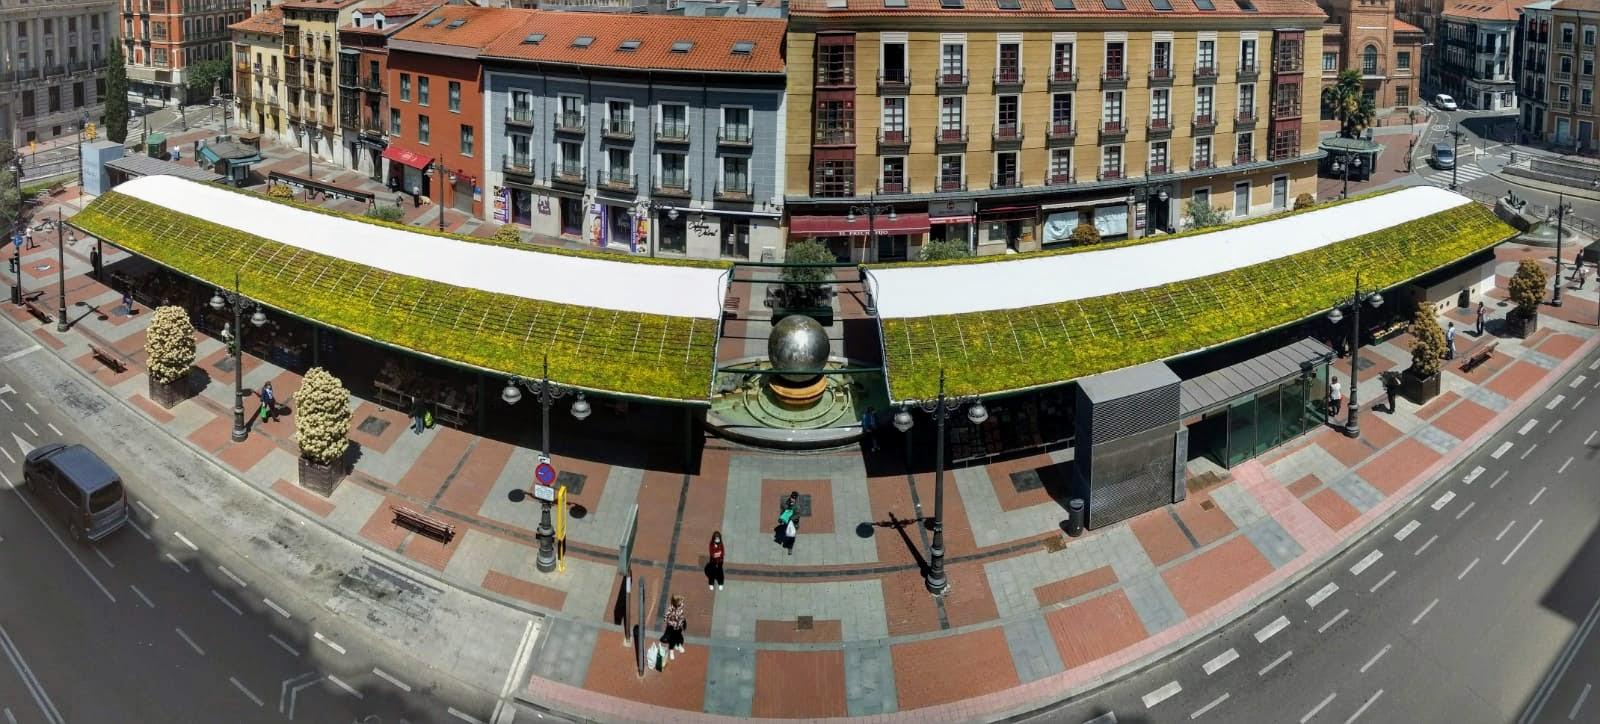 Cubierta vegetal intensiva instalada en Valladolid